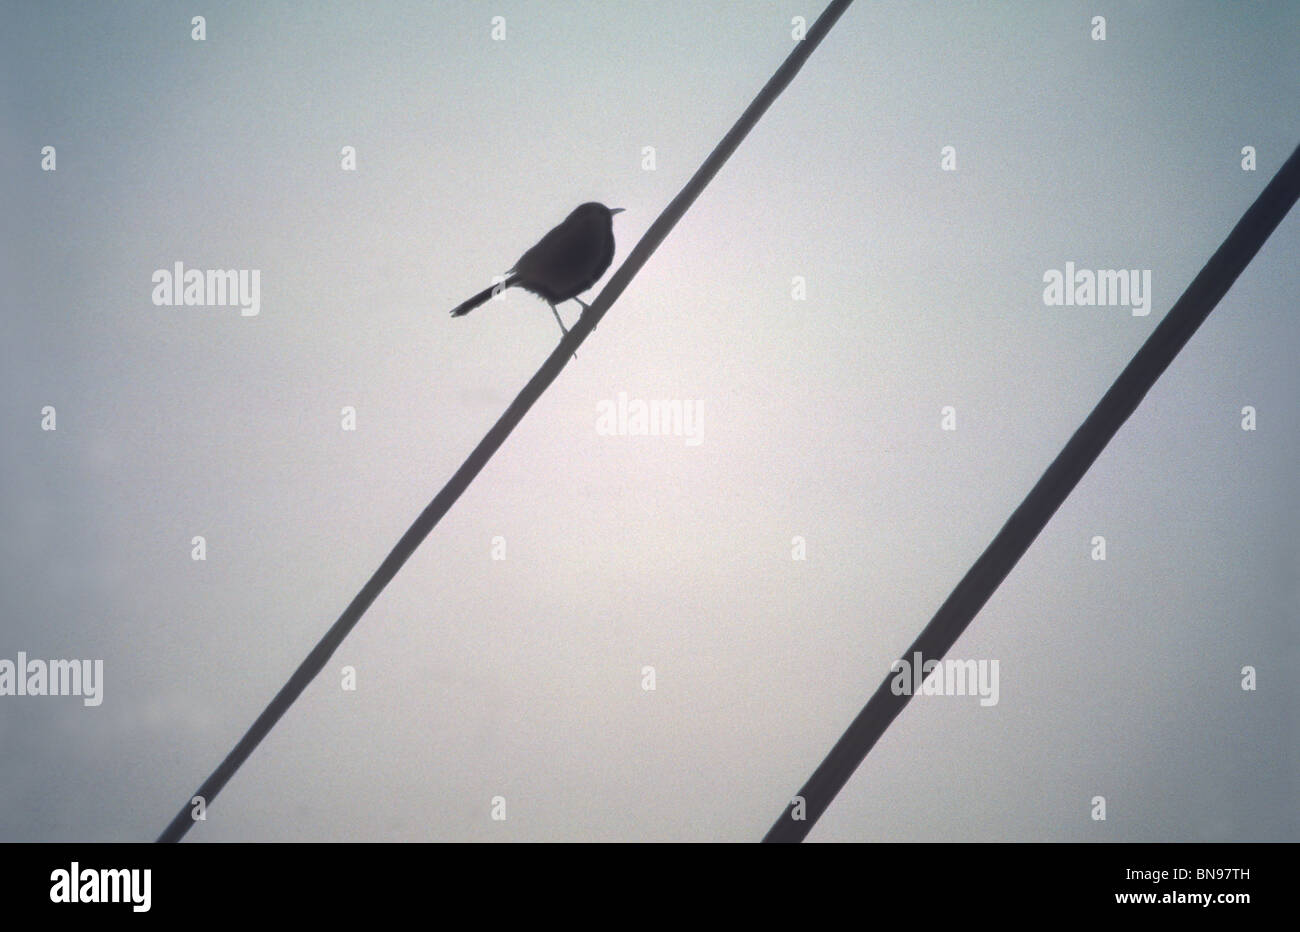 bird on a wire Stock Photo: 30321889 - Alamy